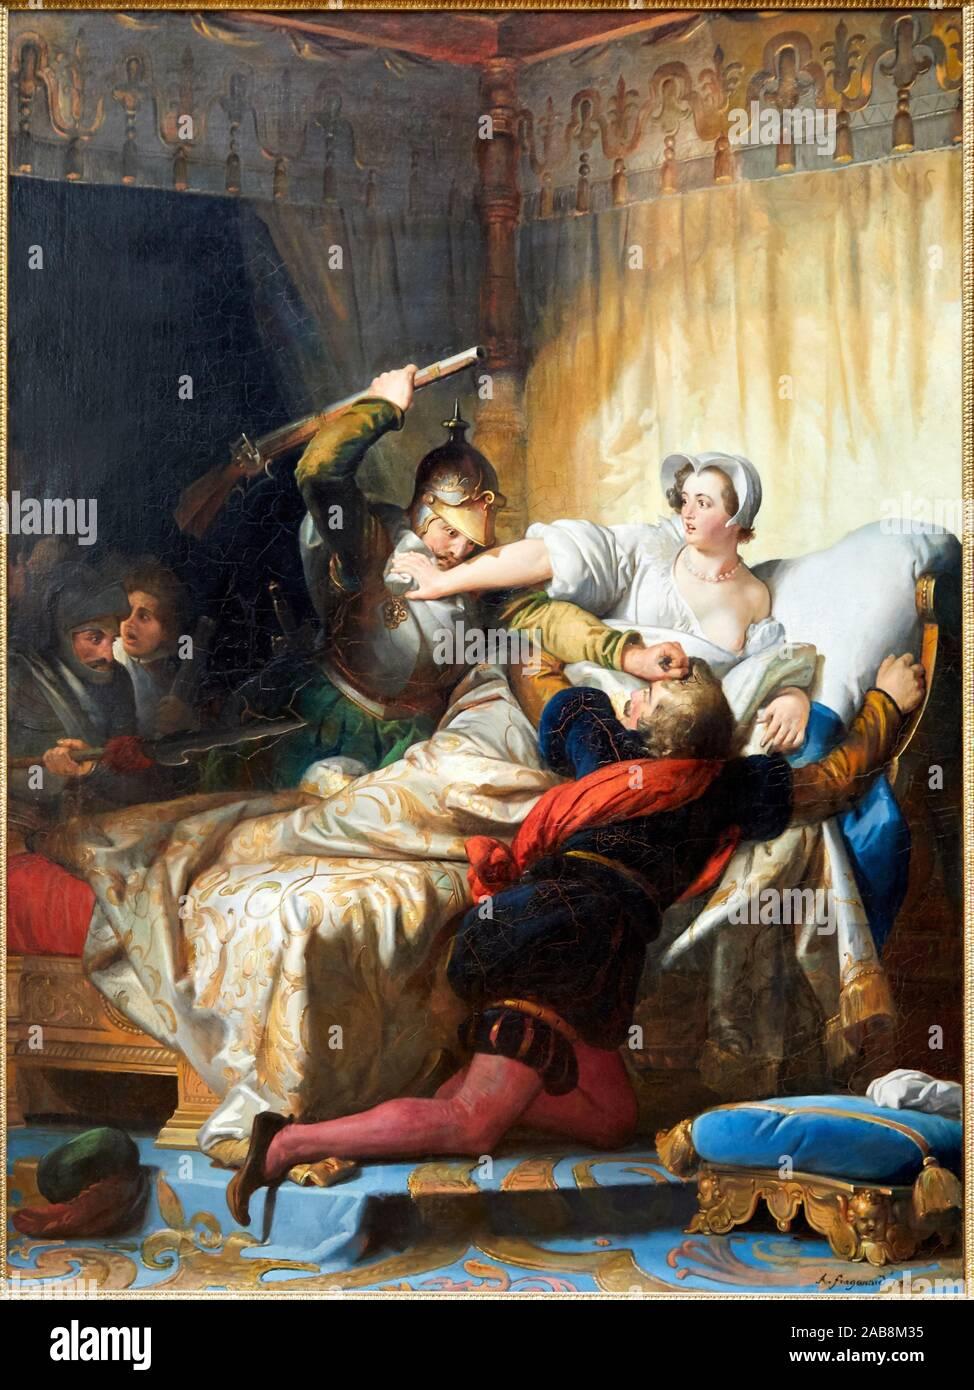 '''Scene desde la masacre del día de San Bartolomé en el apartamento de la reina de Navarra'' de 1836, Alexandre-Évariste Fragonard, 1780-1850, Musée Foto de stock